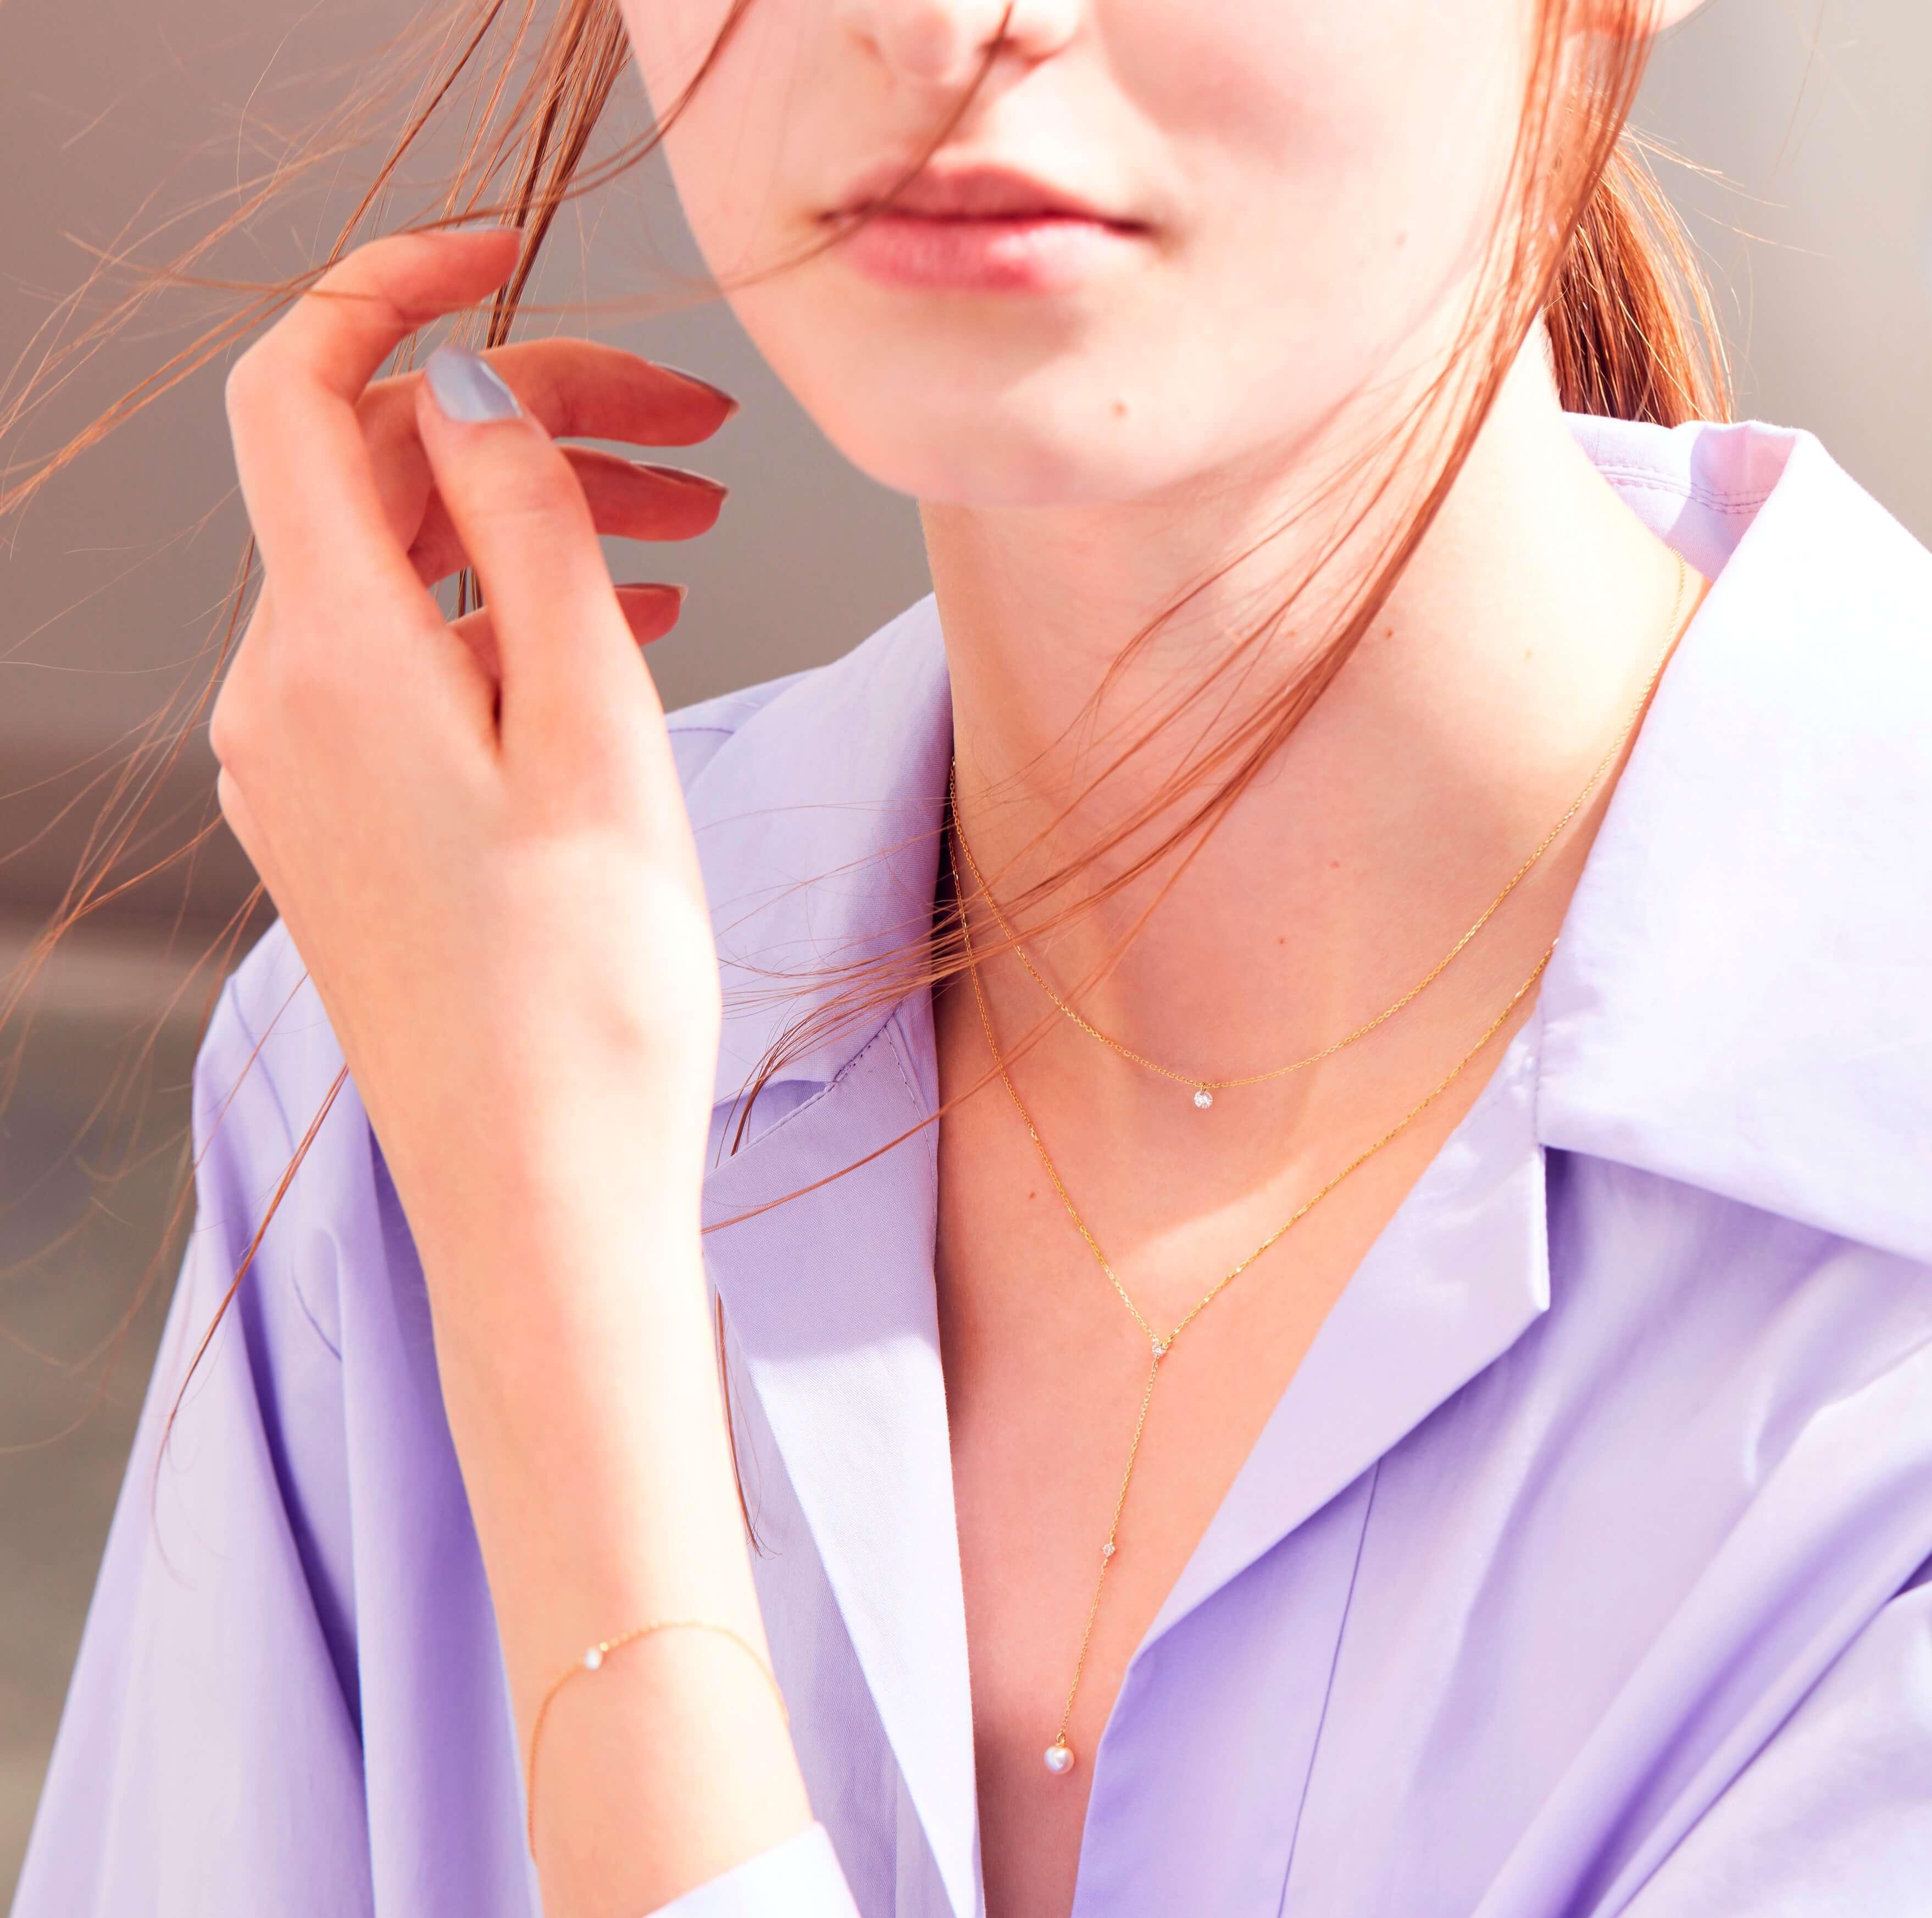 4℃のネックレスを身に着ける女性